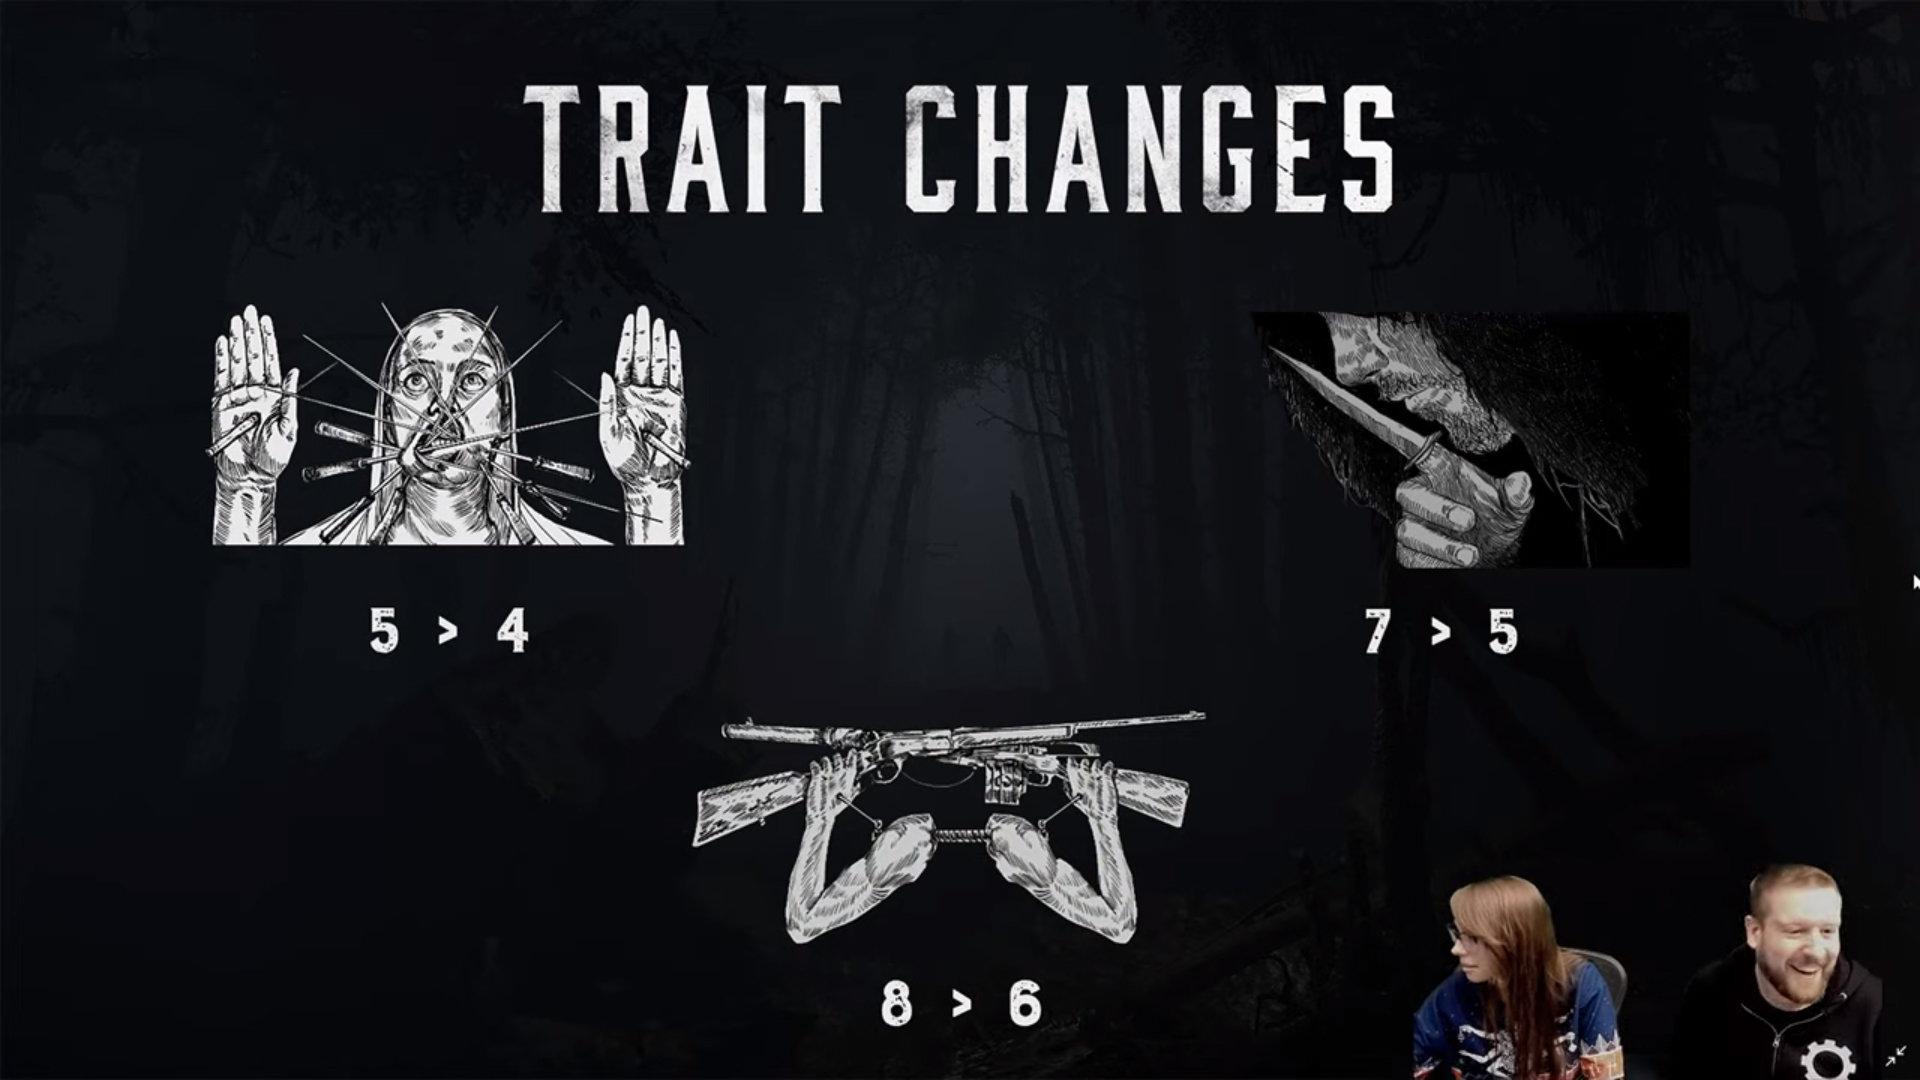 traitchanges3.jpg